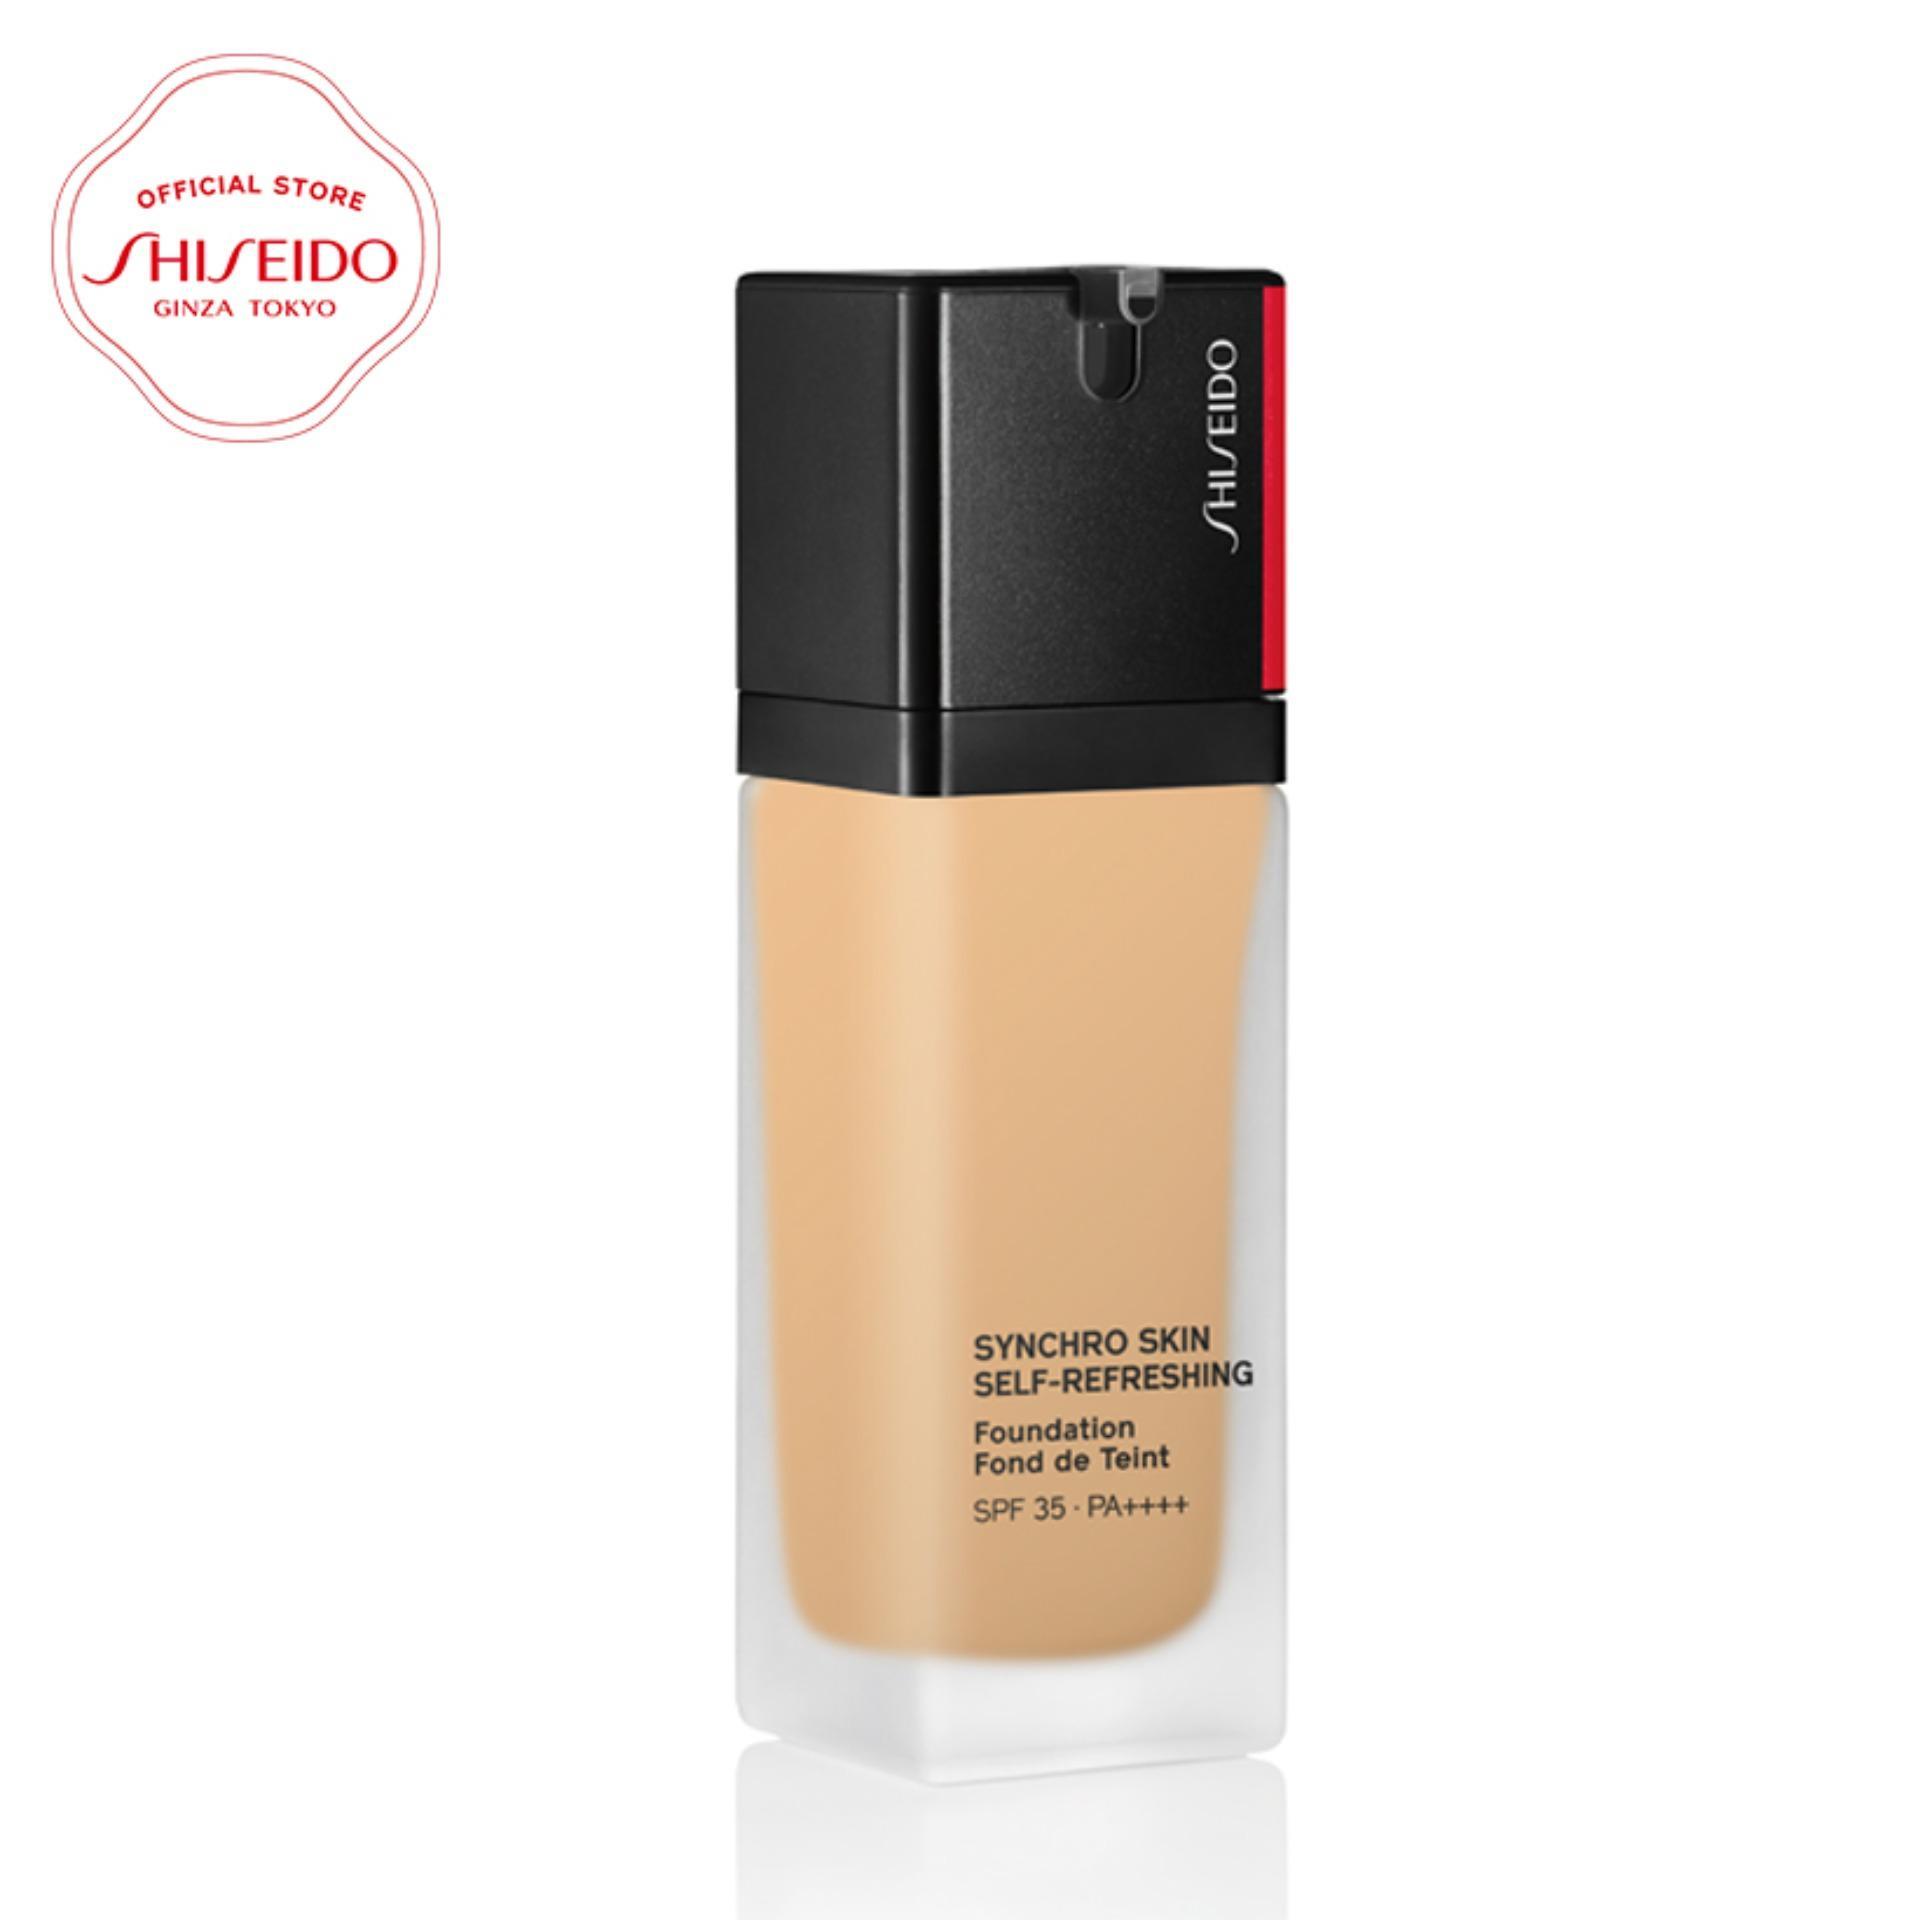 Phấn Nền Dạng Lỏng Shiseido Synchro Skin Self-Refreshing Foundation Khuyến Mãi Sốc